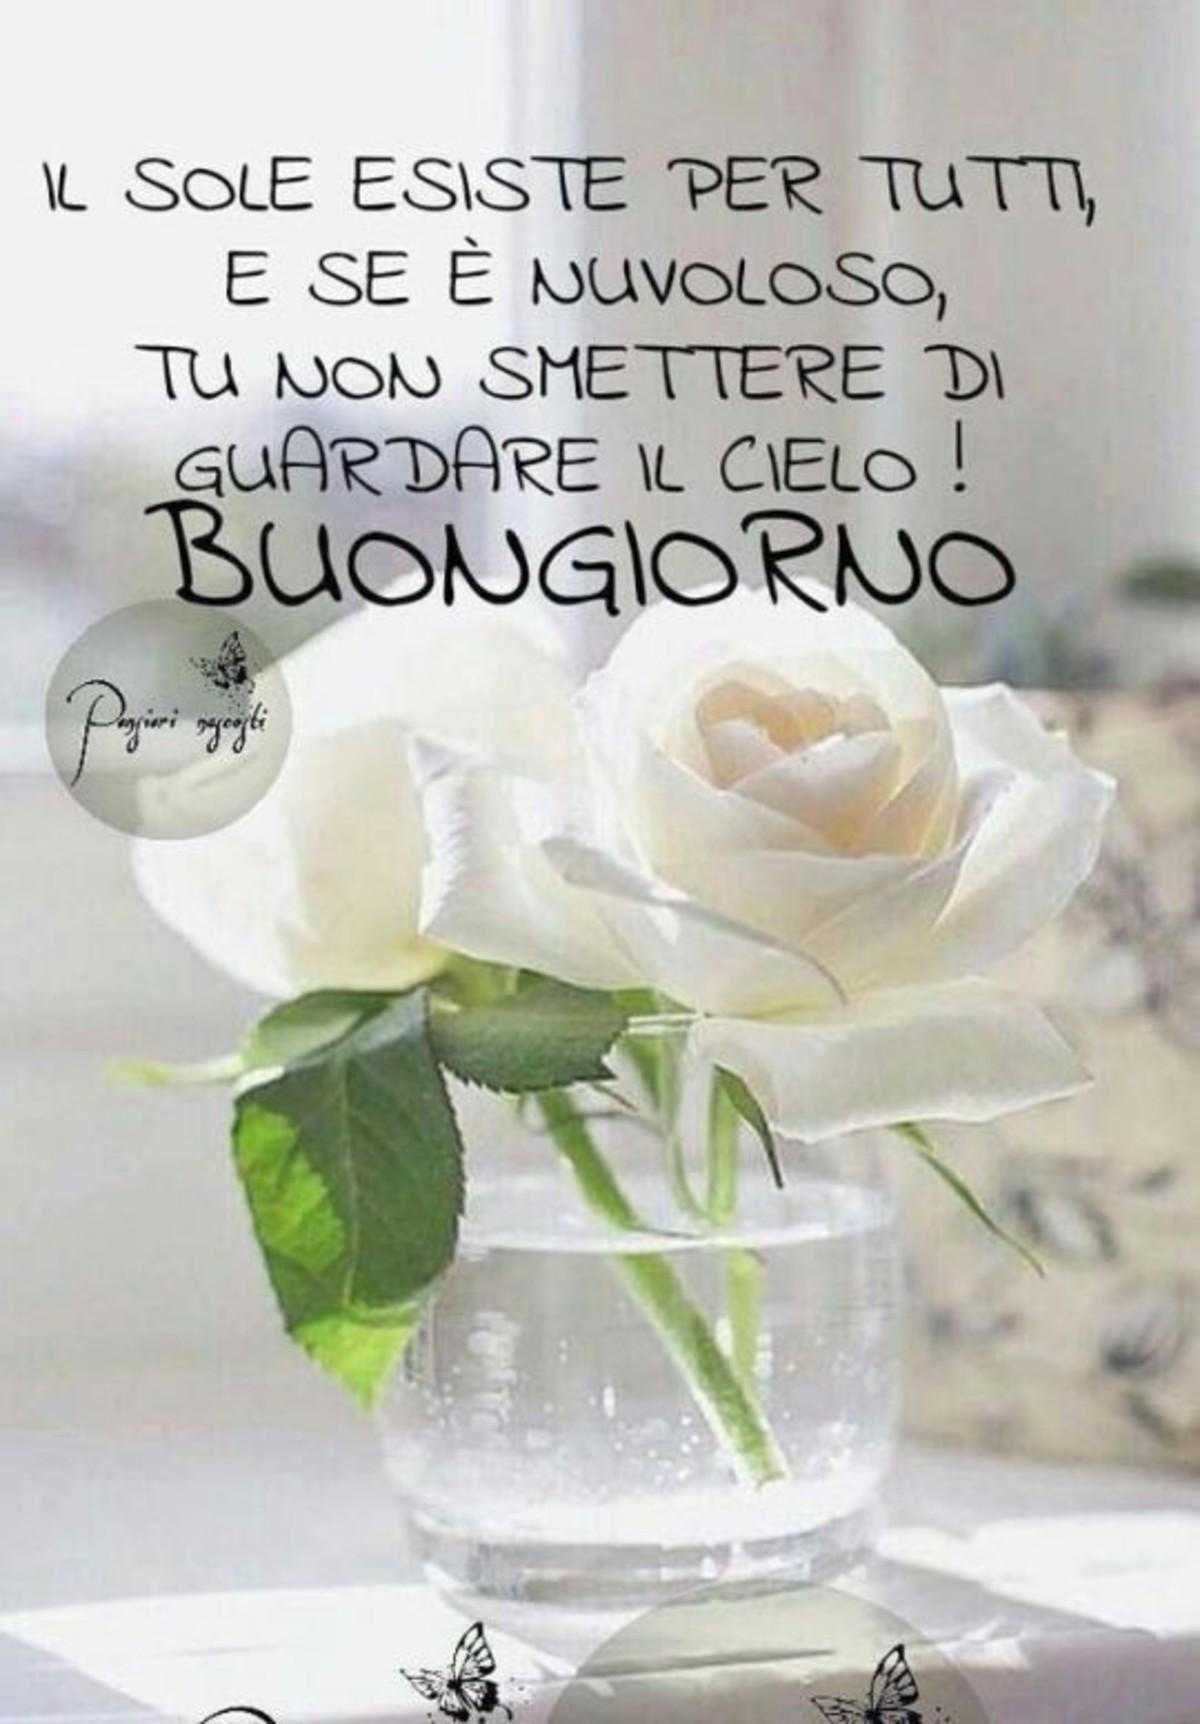 Belle Immagini Buongiorno Da Condividere 5 Buongiornoate It